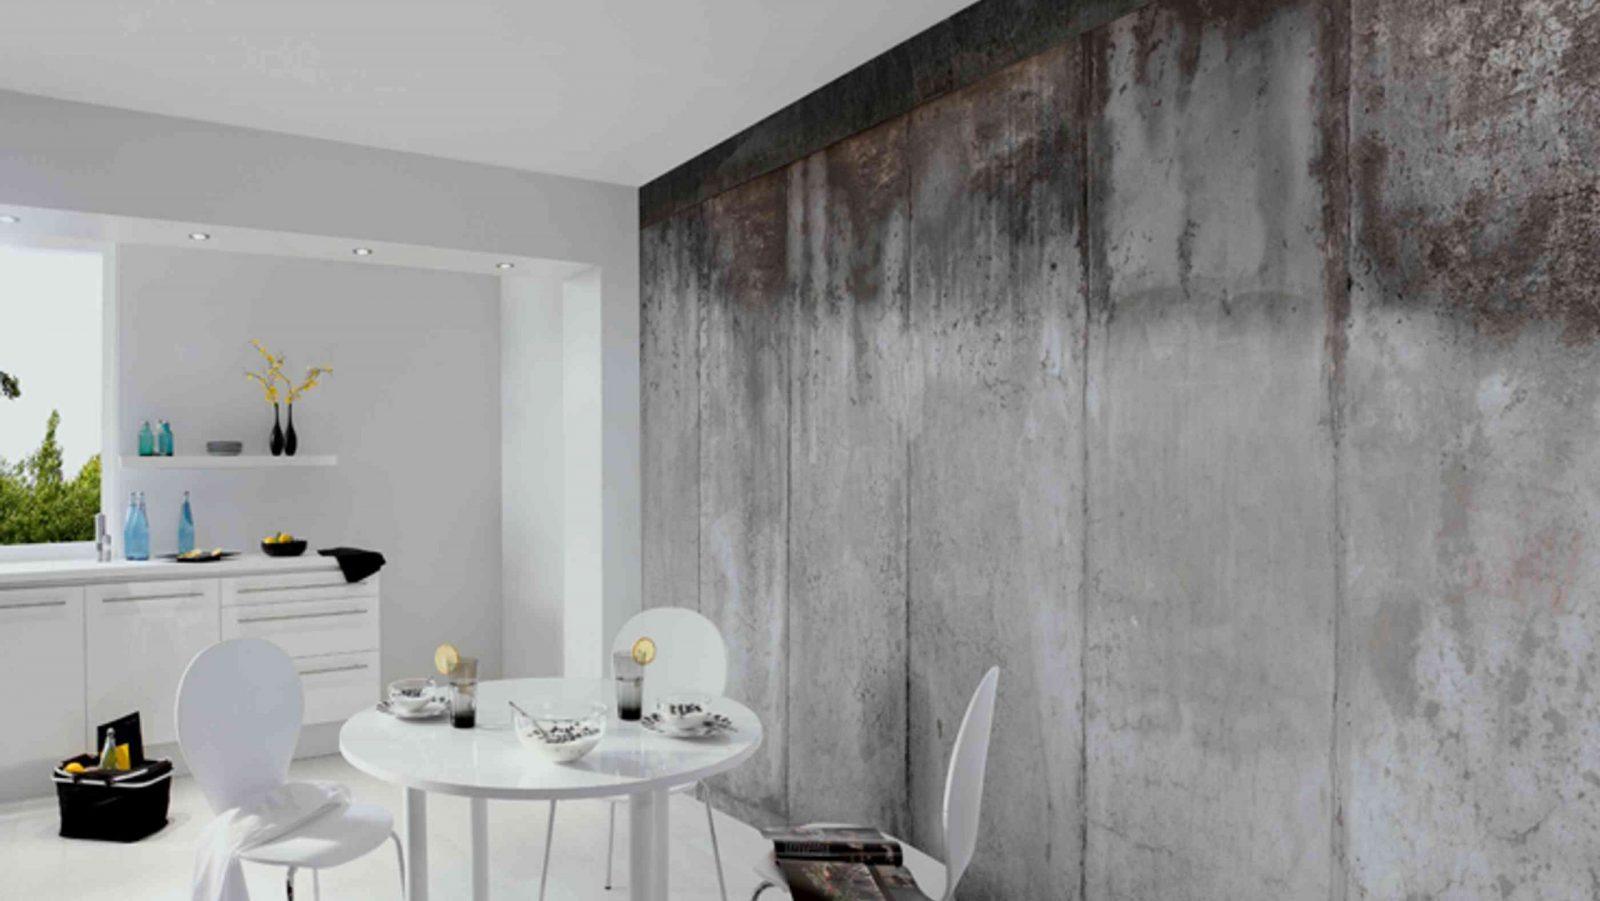 Wände Gestalten Trends Bei Tapeten Und Farben  Wohnglück von Wände Streichen Ohne Tapete Bild